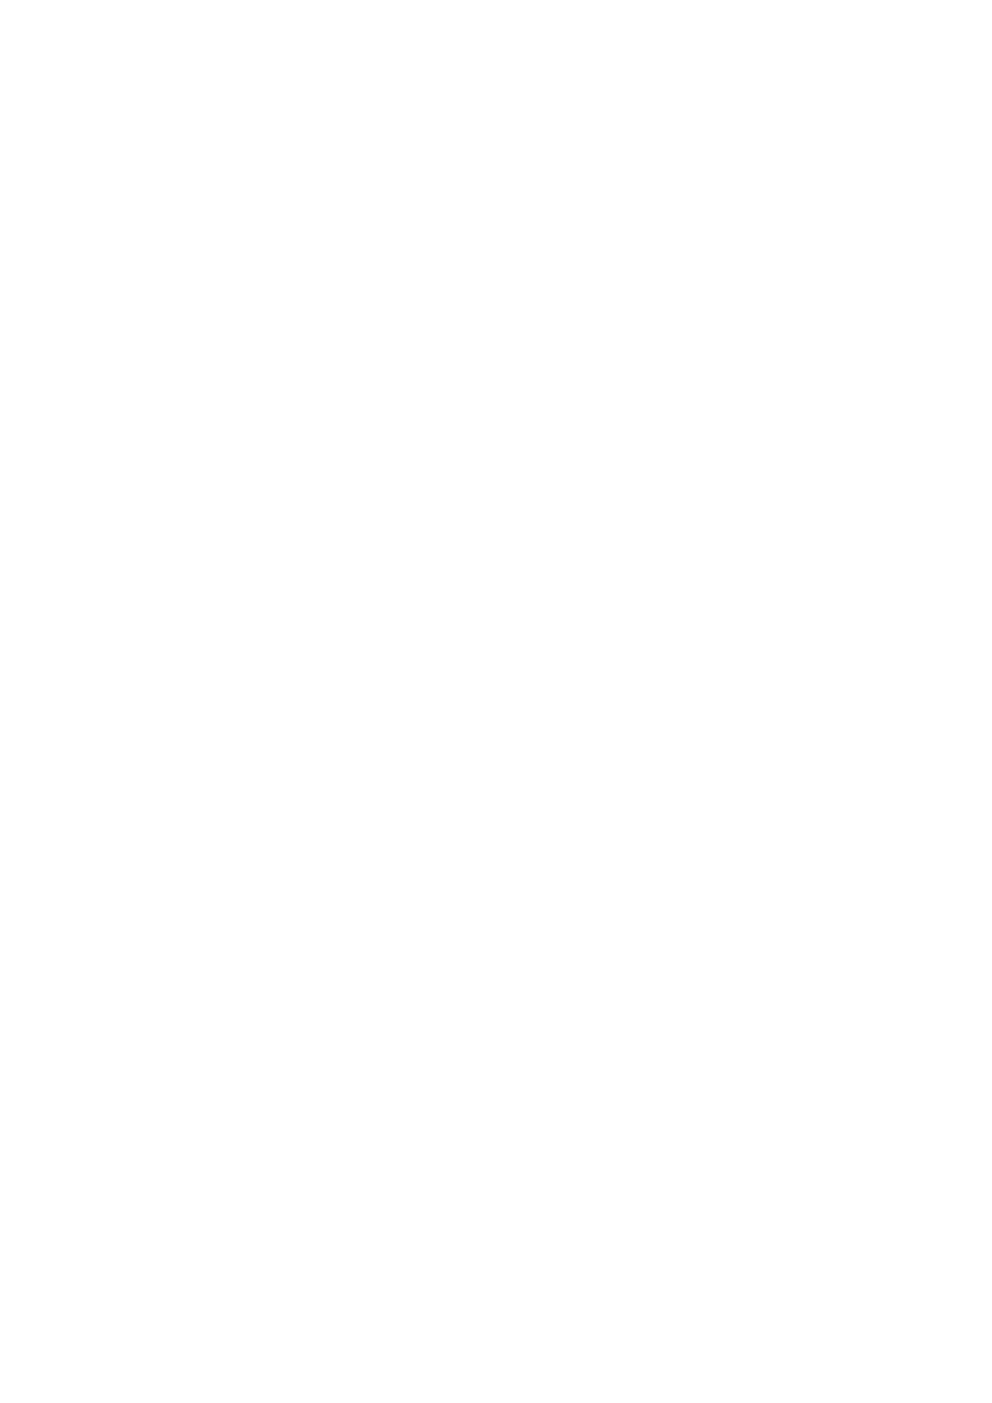 यू.जी.सी. नेट/जे.आर.एफ. परीक्षा सॉल्वड् पेपर्स जनसंचार एवं पत्रकारिता - Page 5